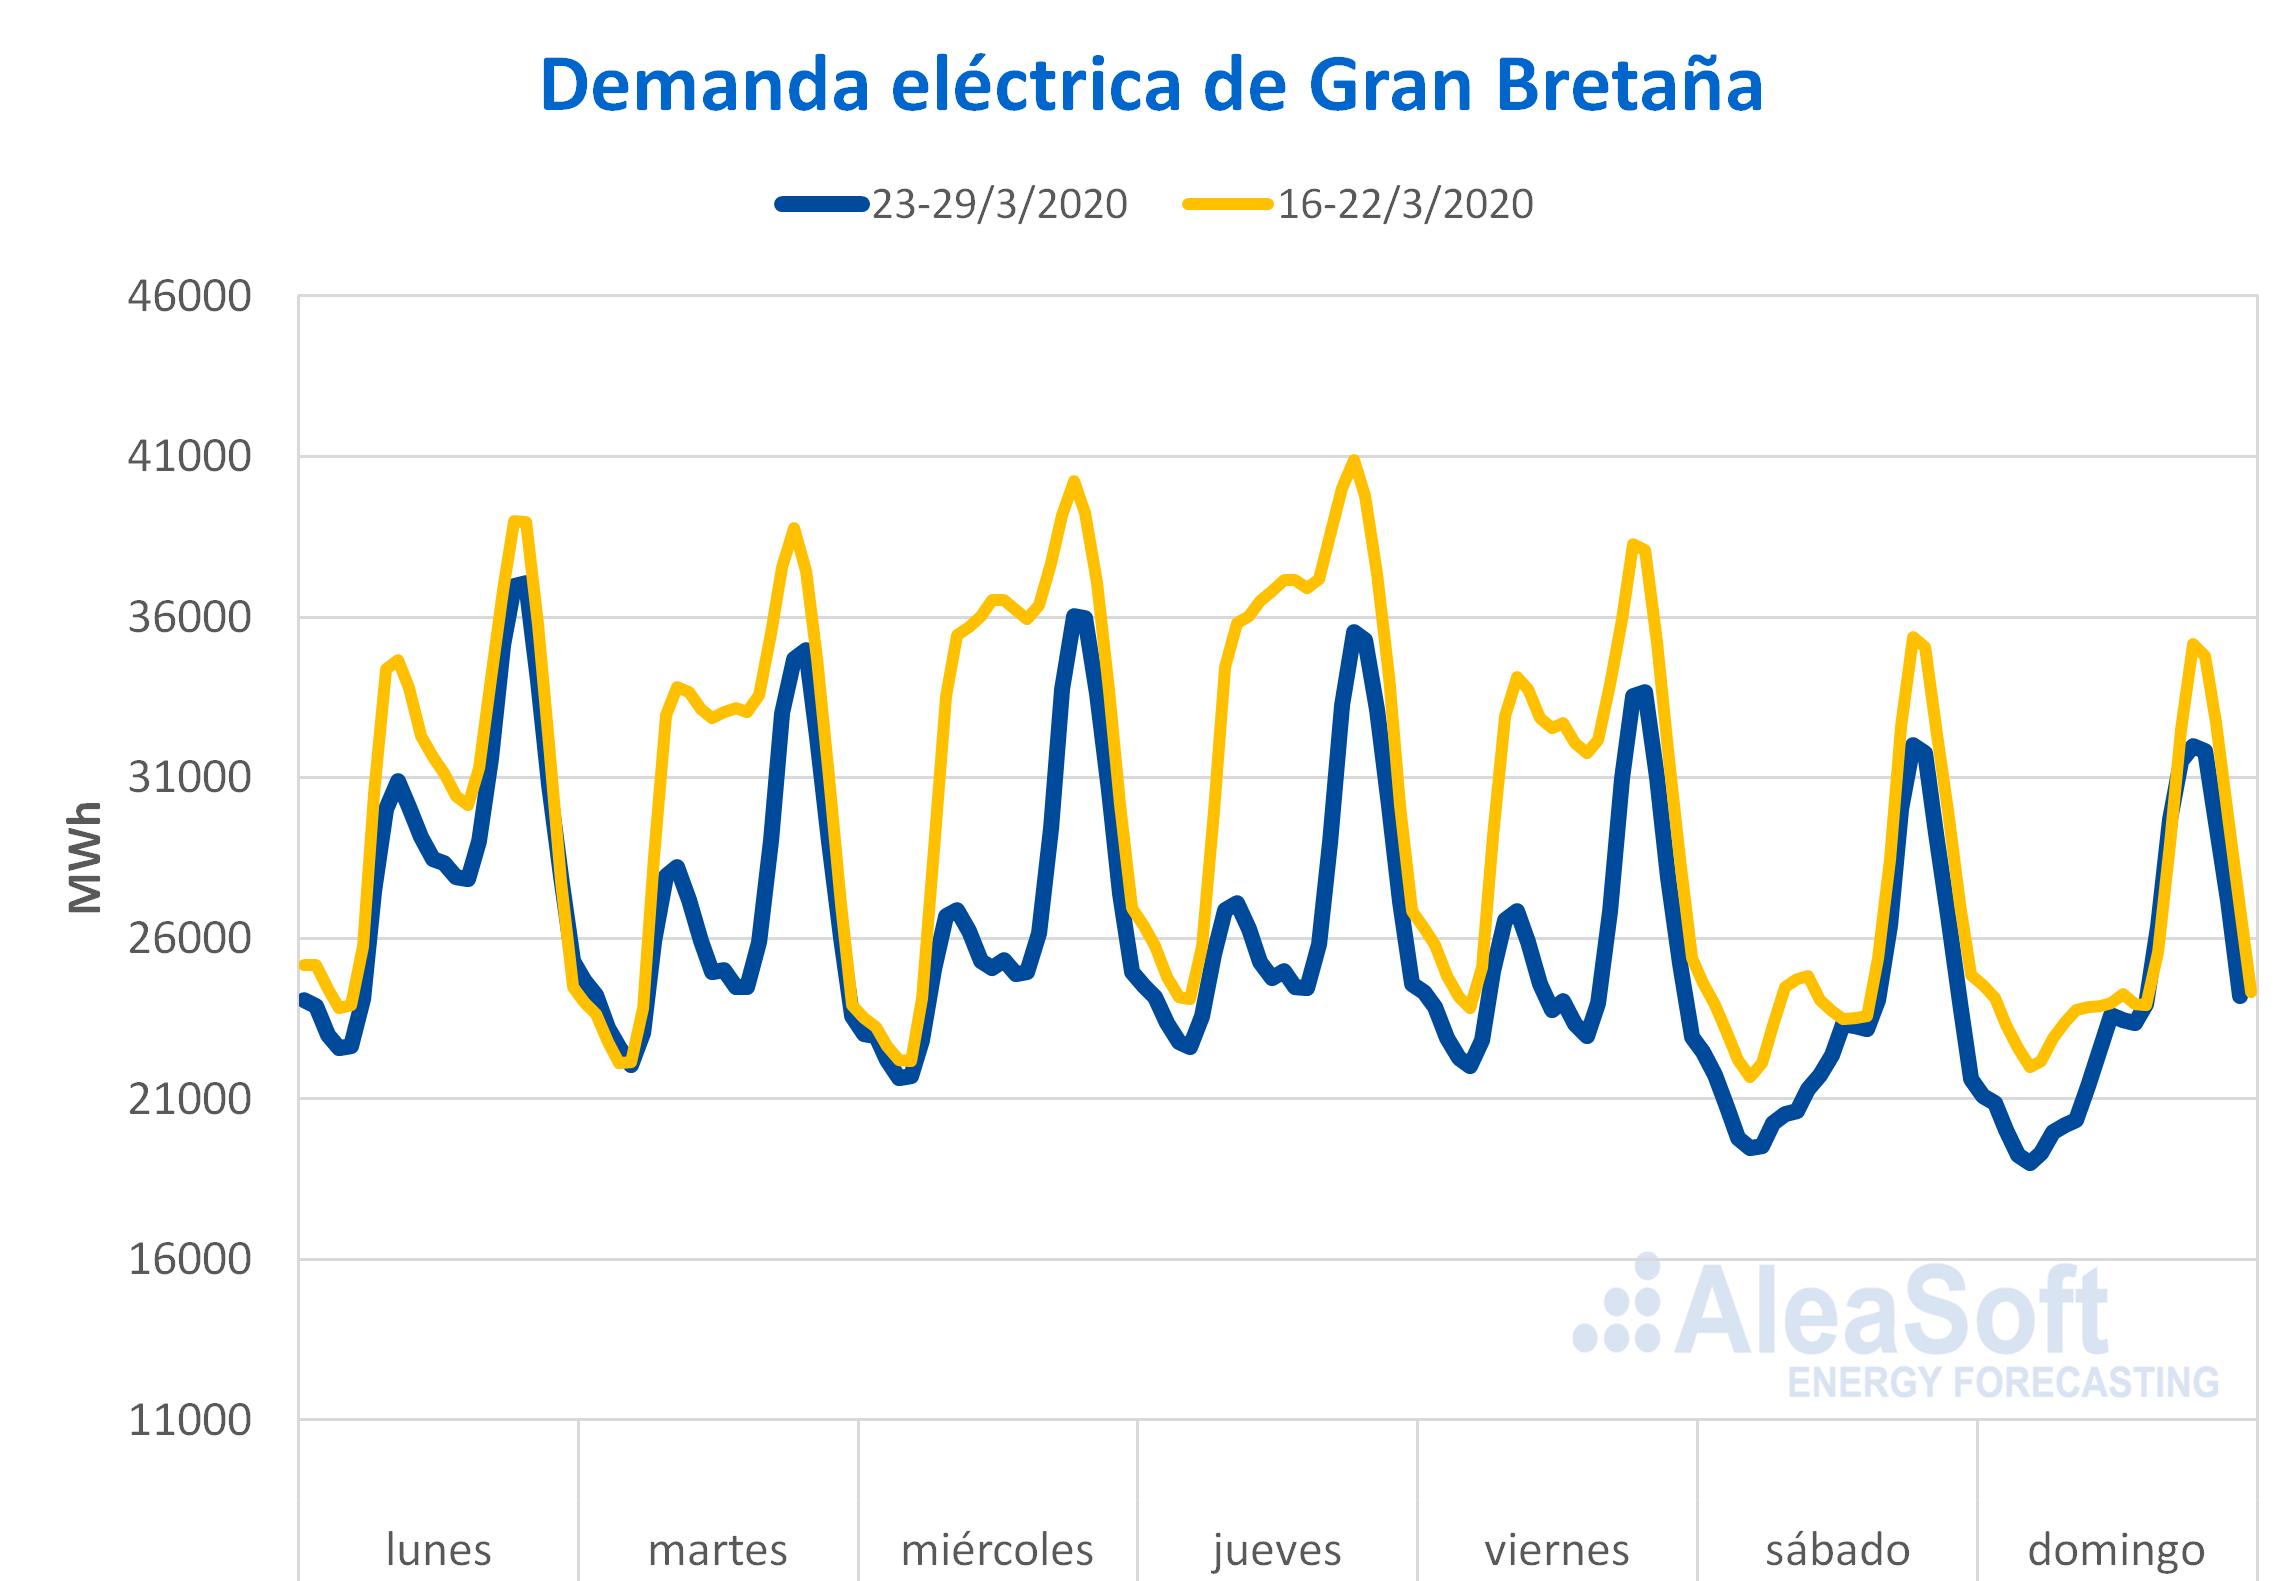 lectrica - horaria Gran Bretanna efecto coronavirus